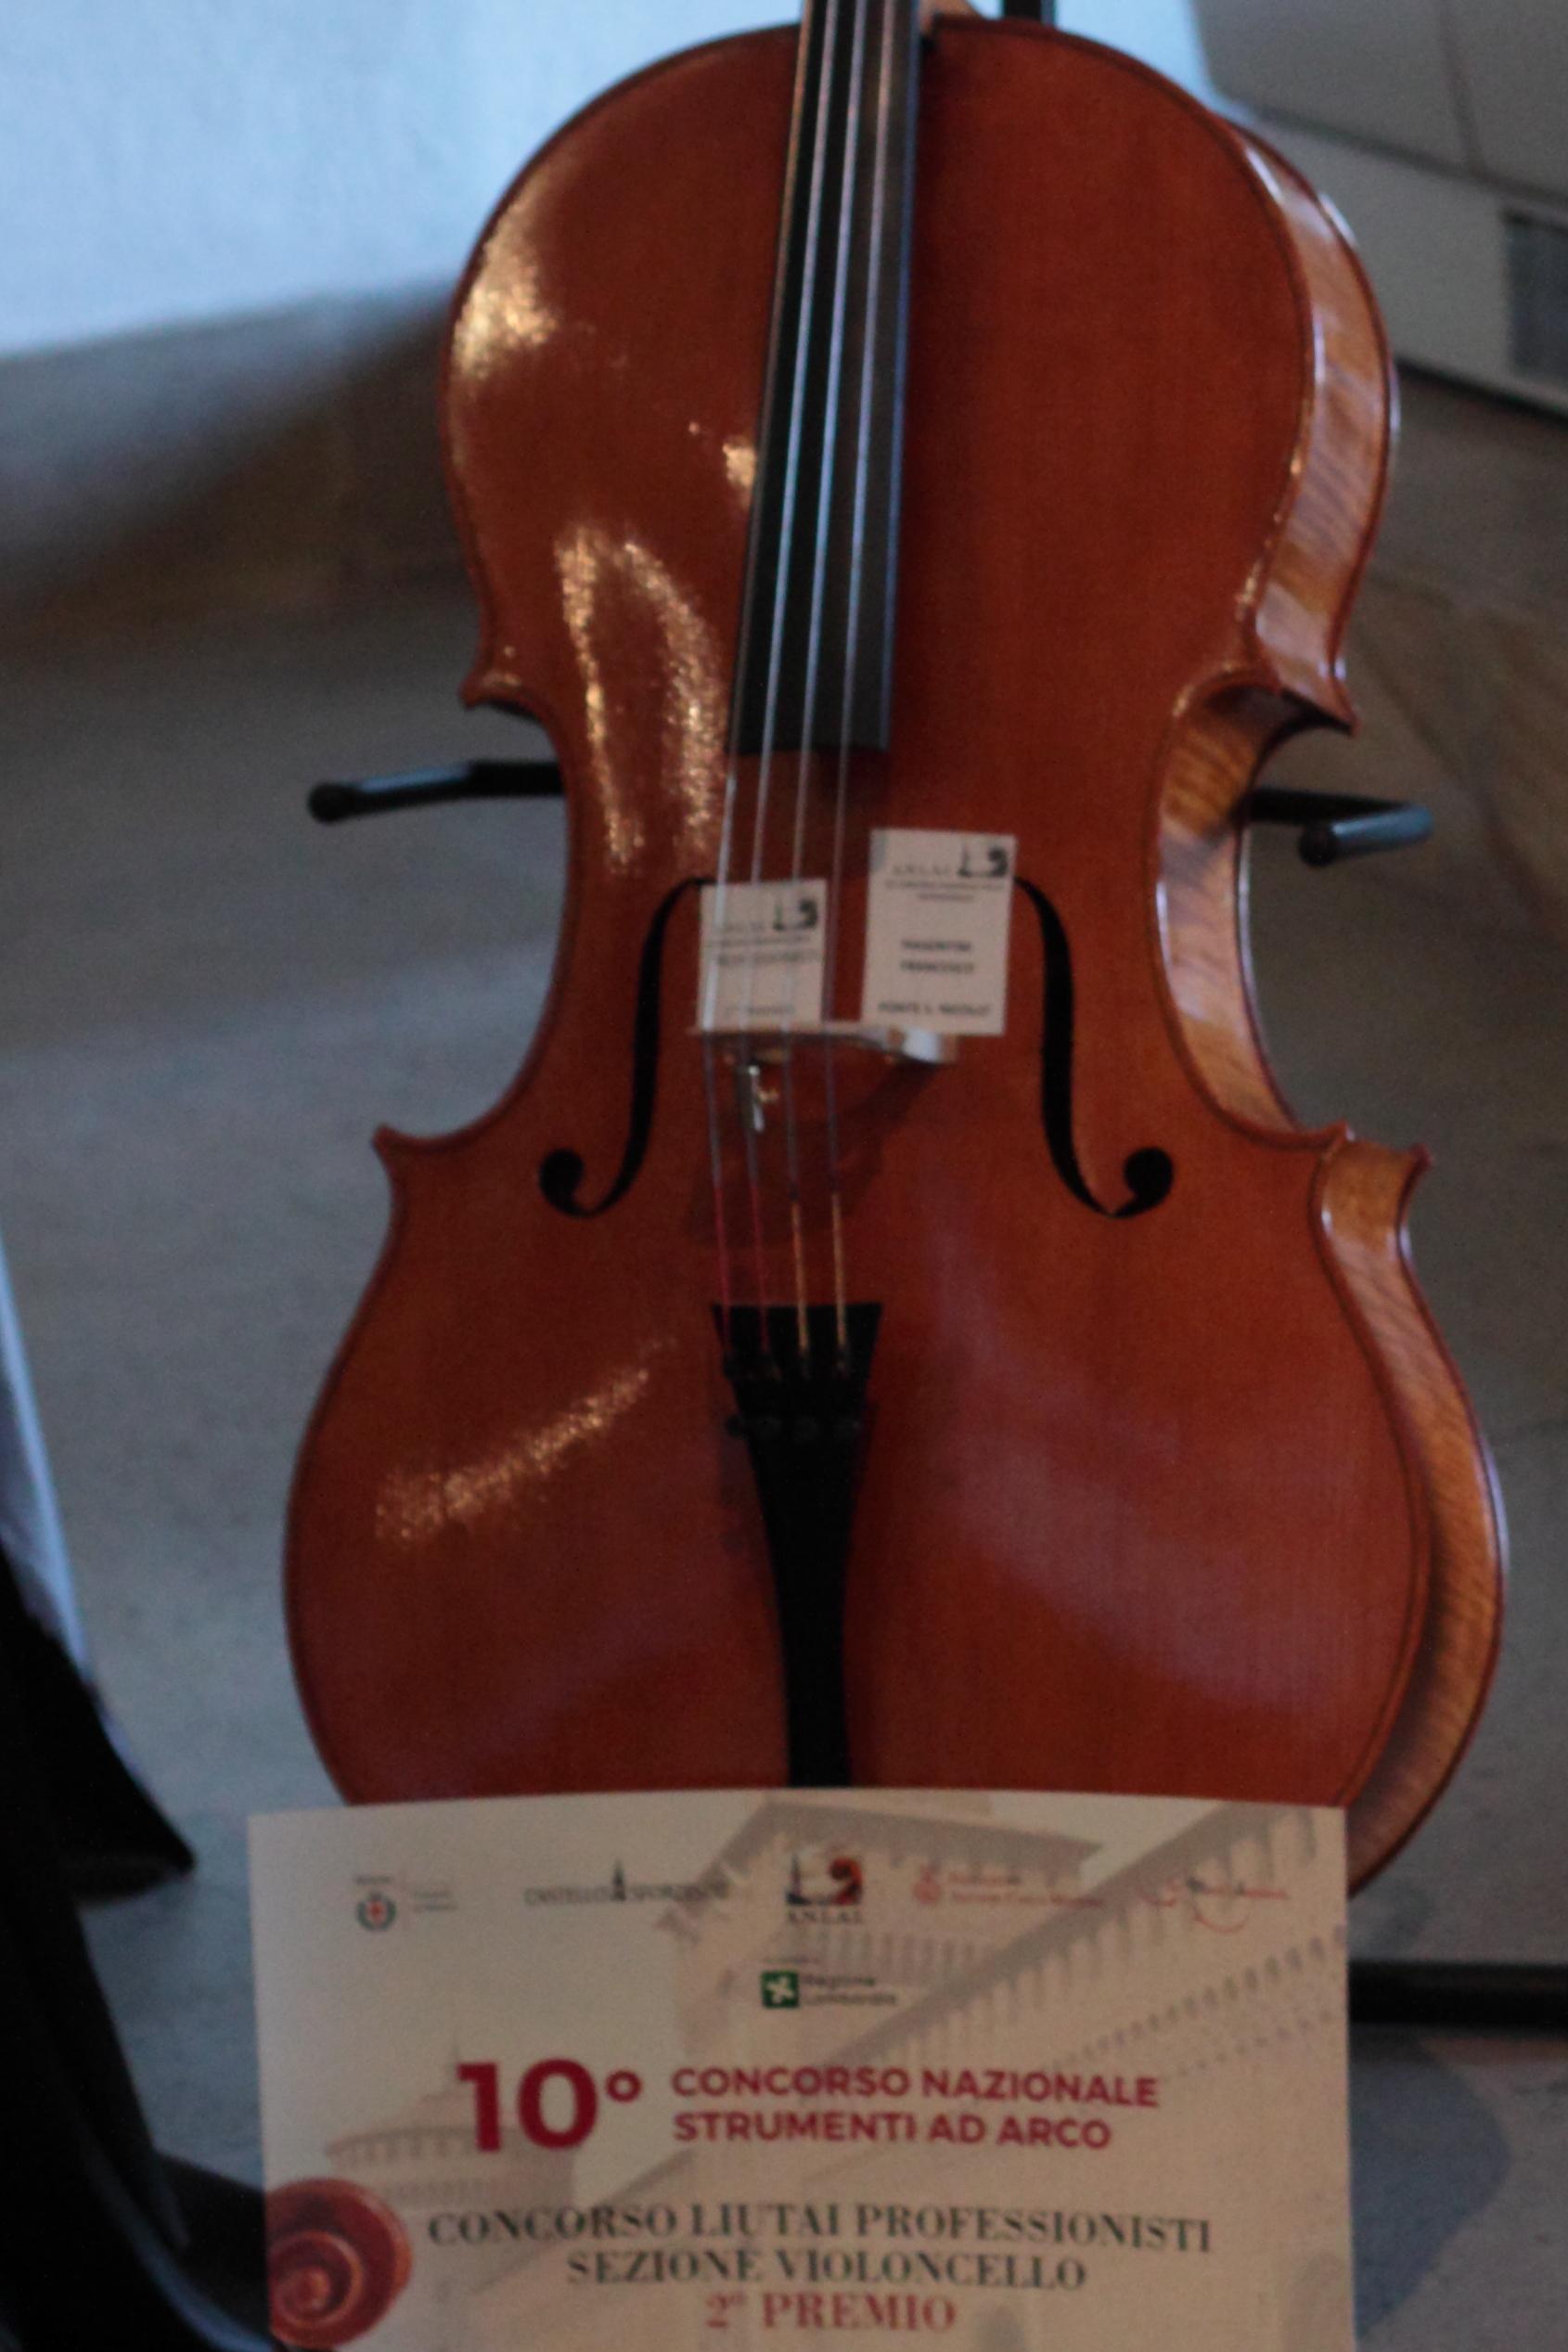 violoncello Francesco Piasentini concorso ANLAI 2016 medaglia argento